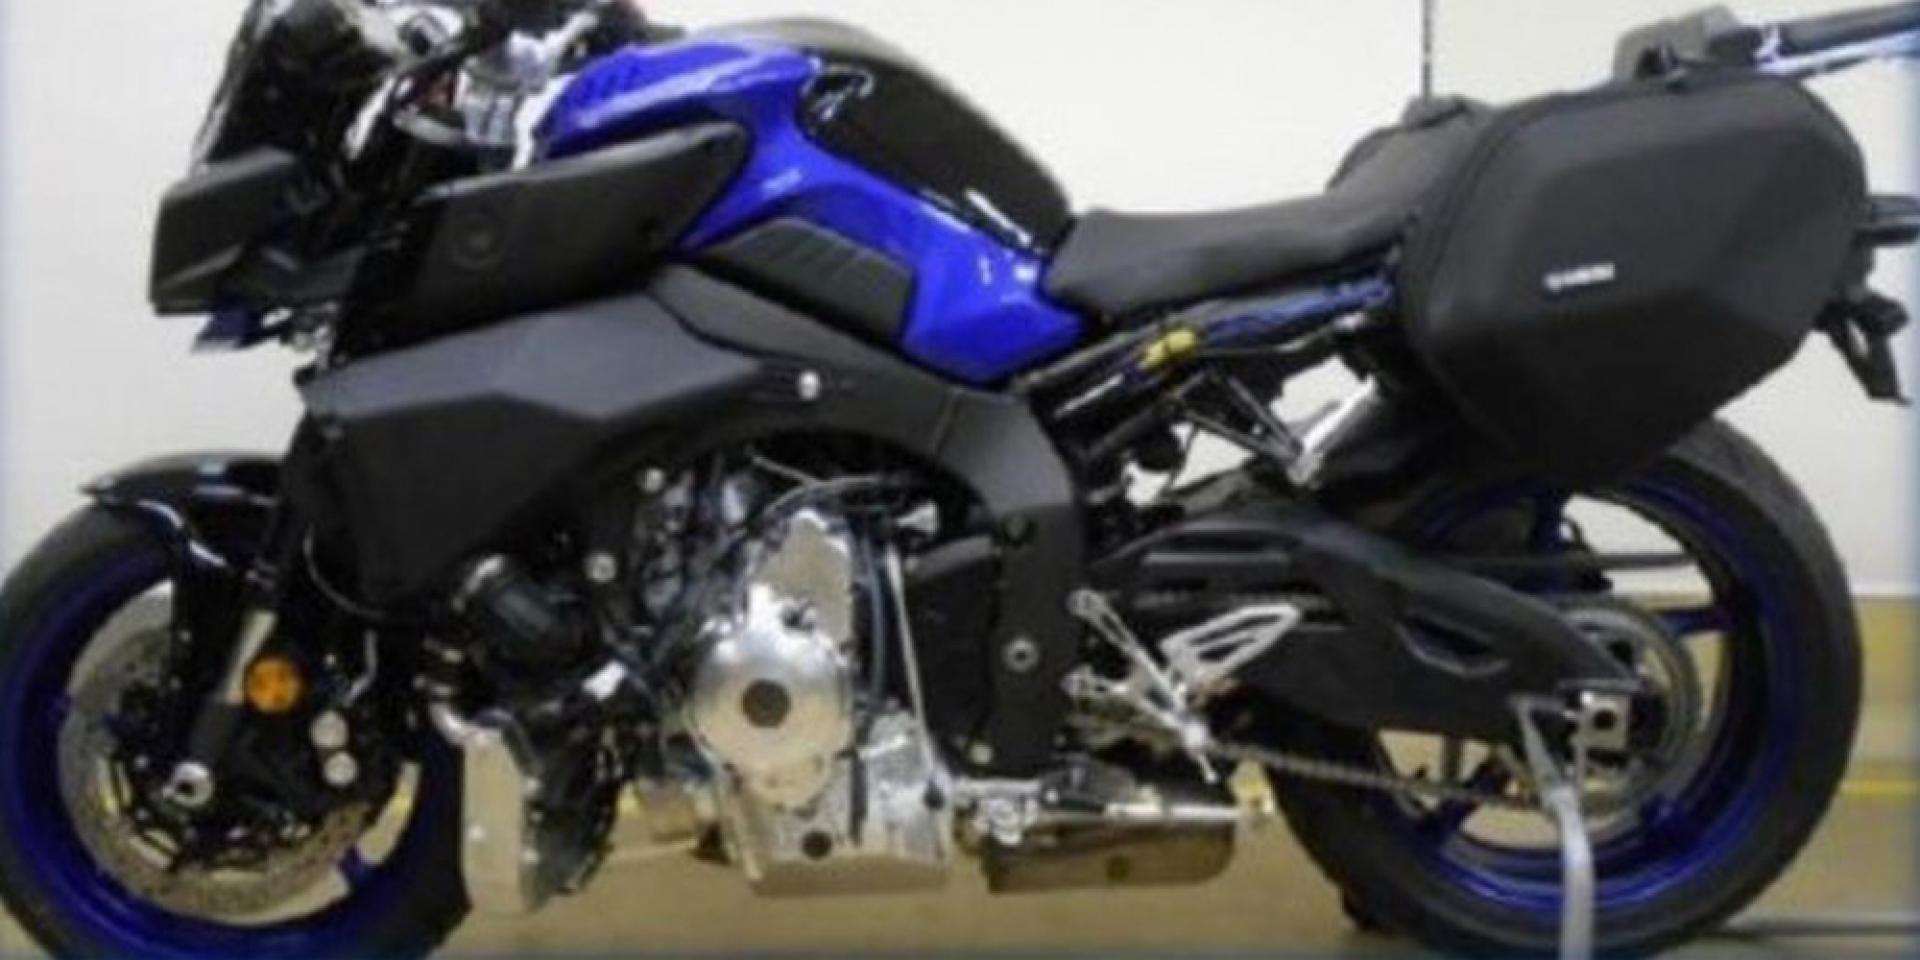 渦輪MT-10?YAMAHA三缸渦輪測試車曝光,180匹馬力、缸內直噴低排放!